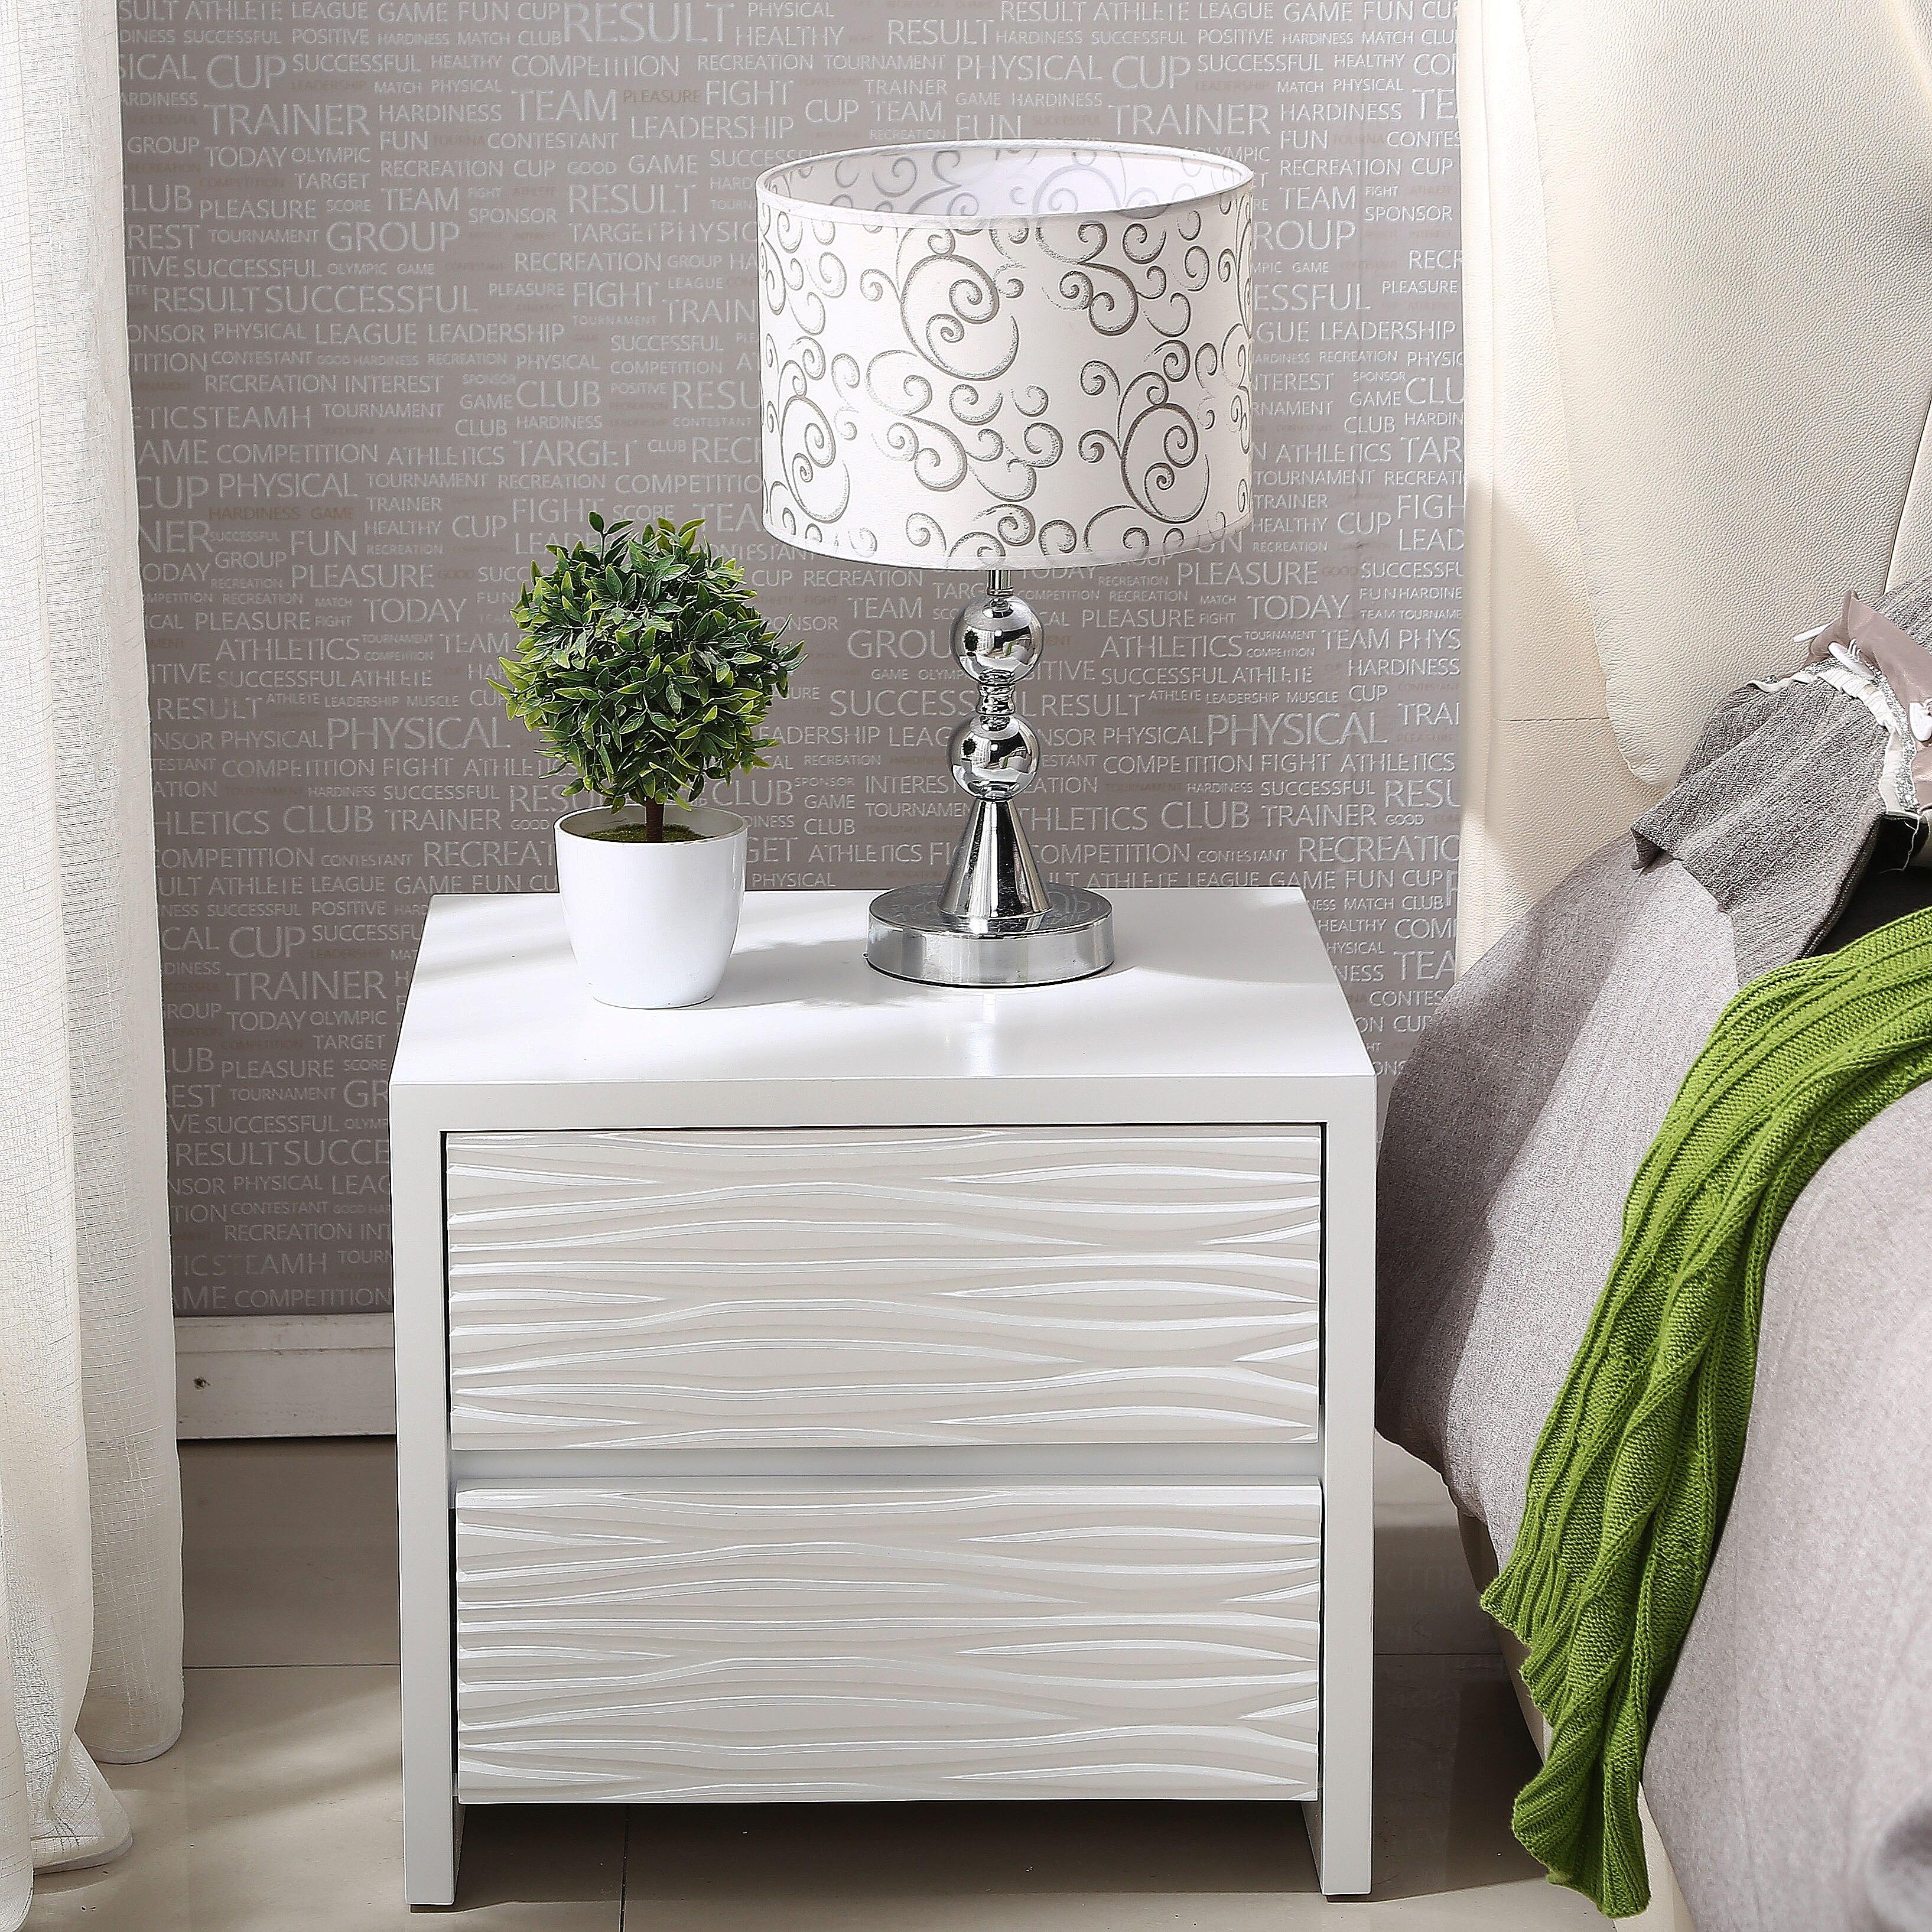 https://ae01.alicdn.com/kf/HTB1bW2mOVXXXXbxXpXXq6xXFXXXe/Vernice-bianca-semplice-e-moderno-comodino-camera-da-letto-in-legno-massello-armadio-armadio.jpg